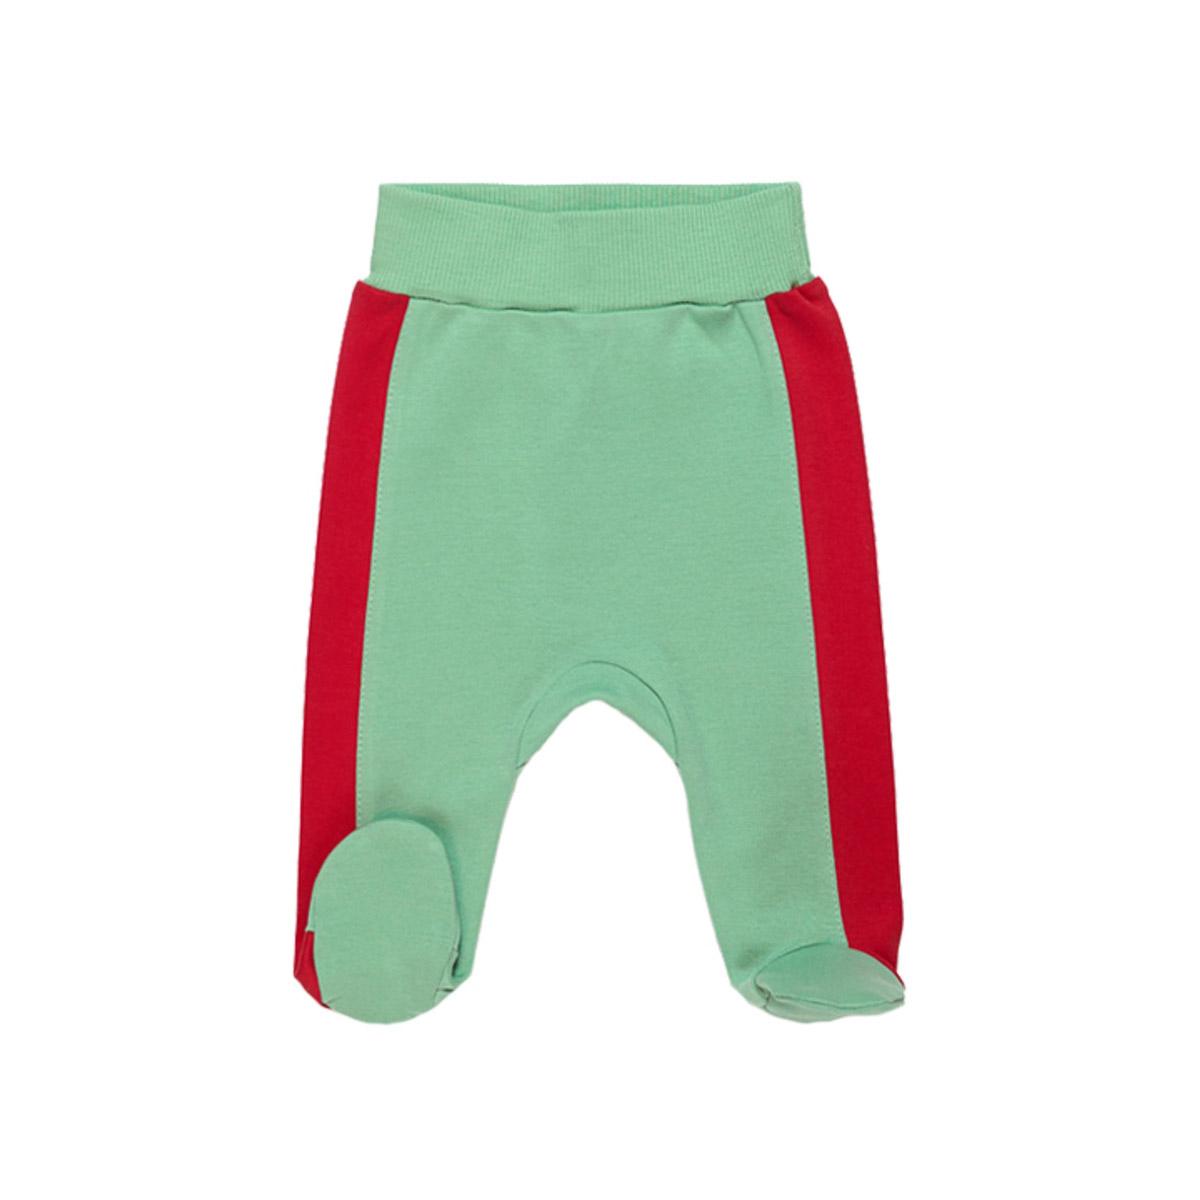 Ползунки с ножками Ёмаё Кони в яблоках (26-236) рост 68 светло зеленый<br>